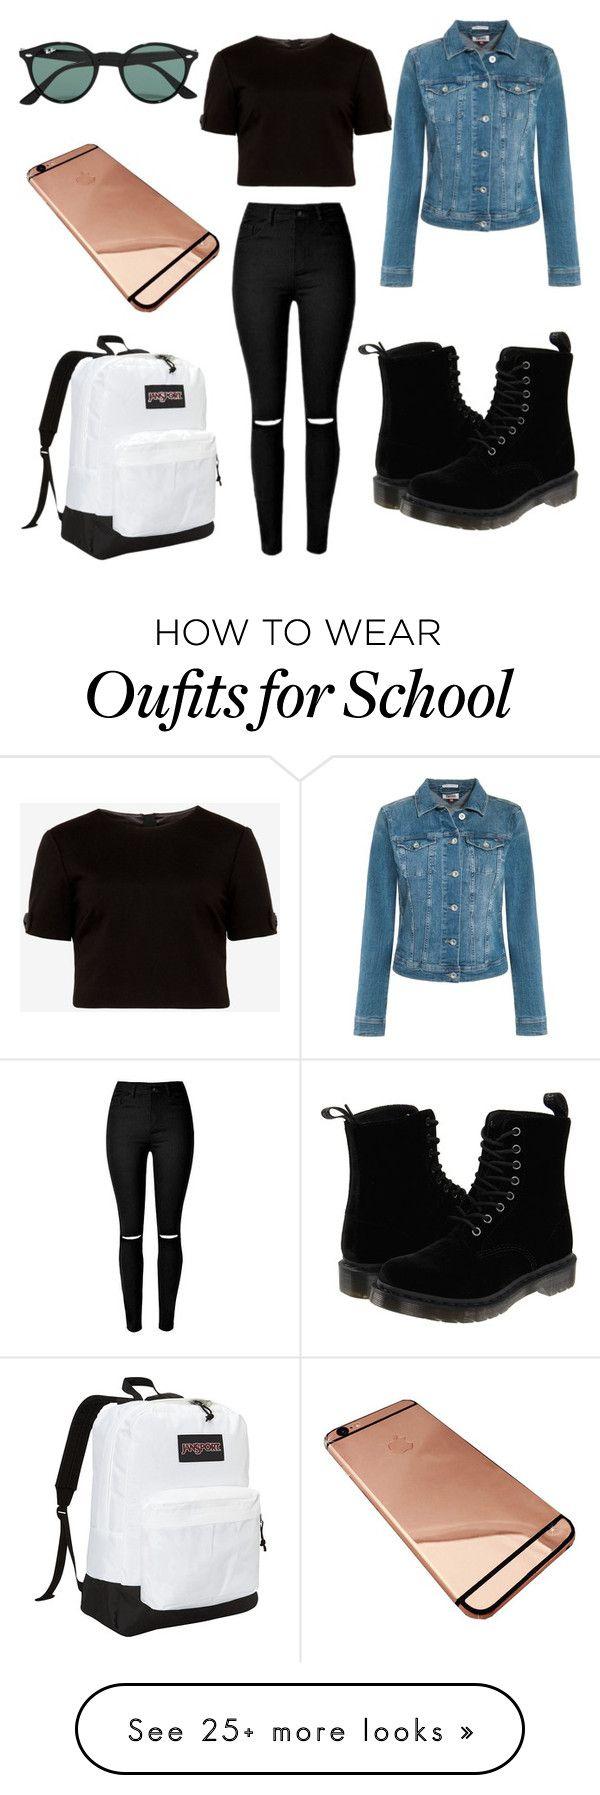 Dit is wat meisjes deze dagen het meest dragen. De gescheurde broek is niet weg te denken.